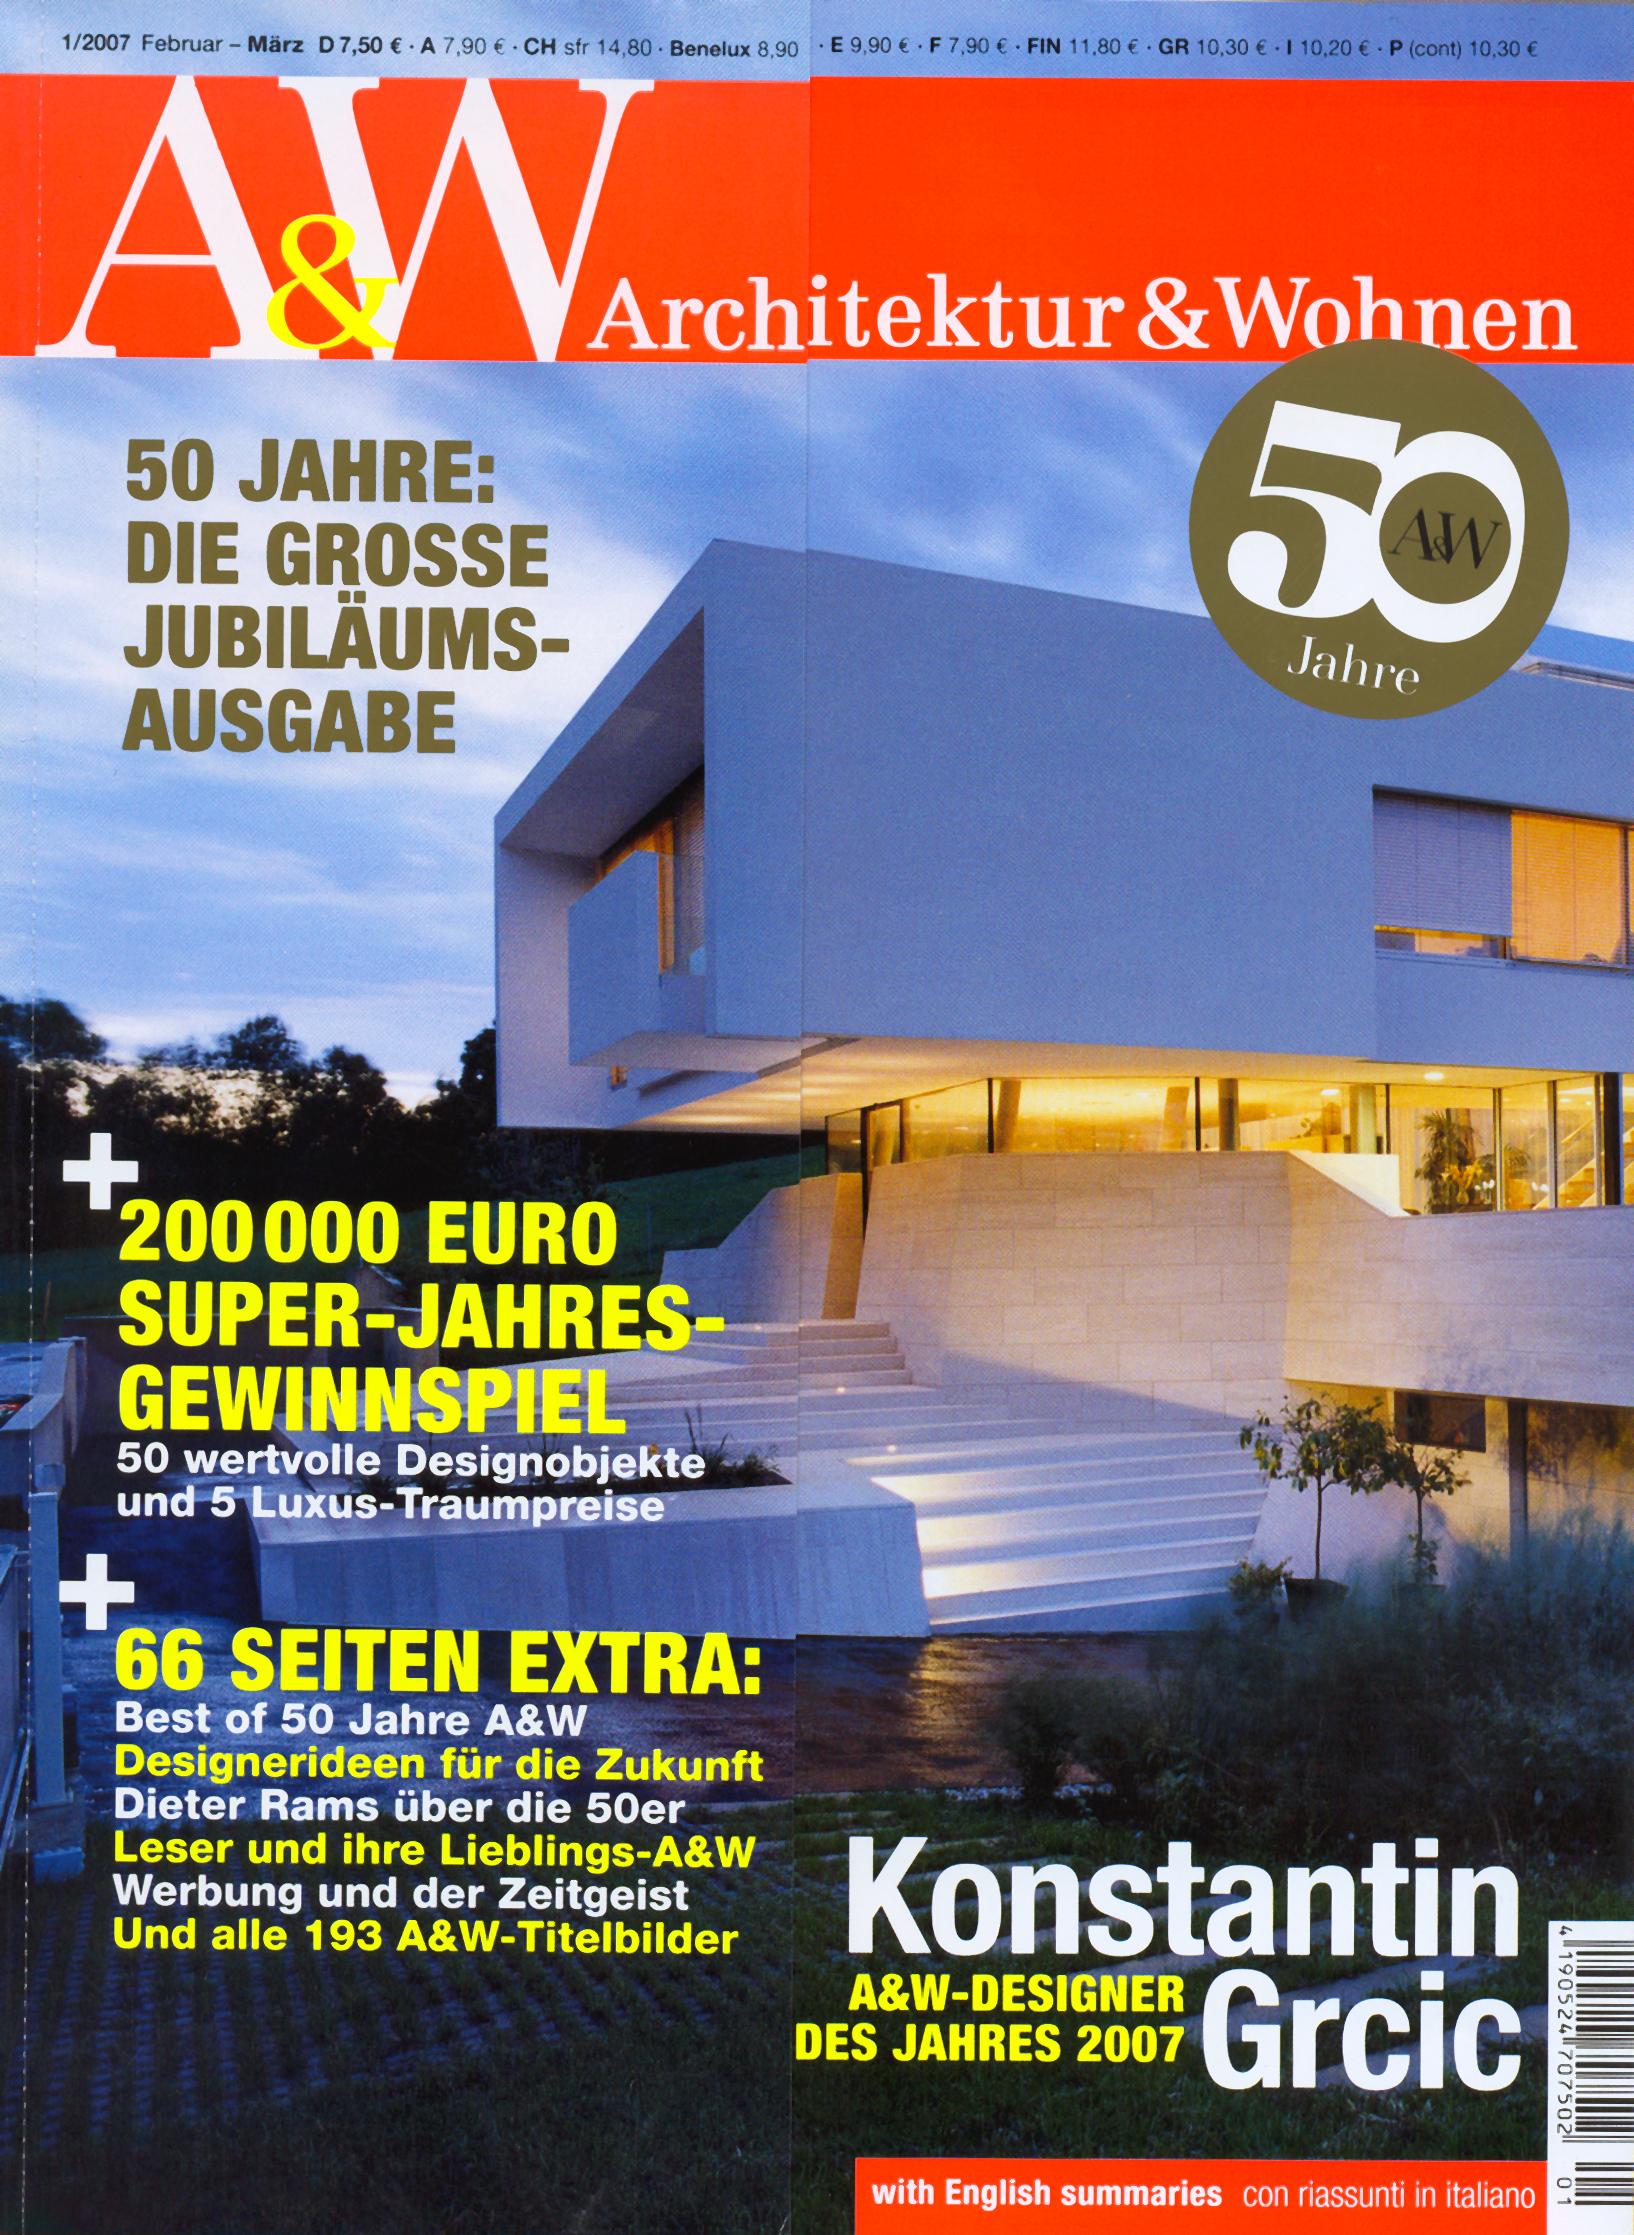 Architektur&Wohnen 1_2007.jpg